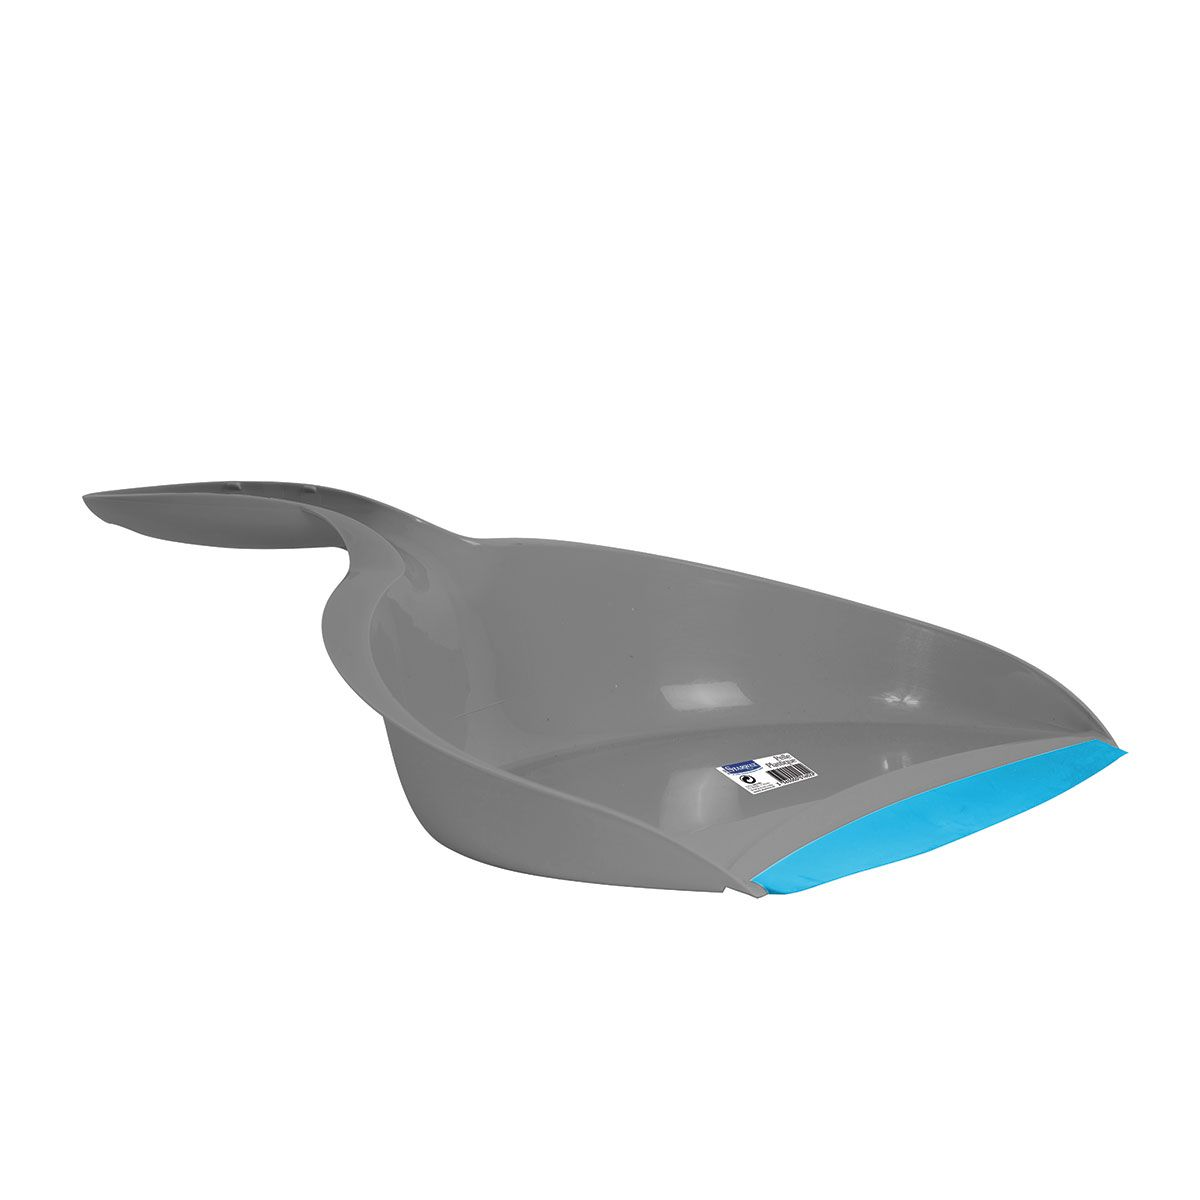 Pelle plastique pour sol interieur- Starwax